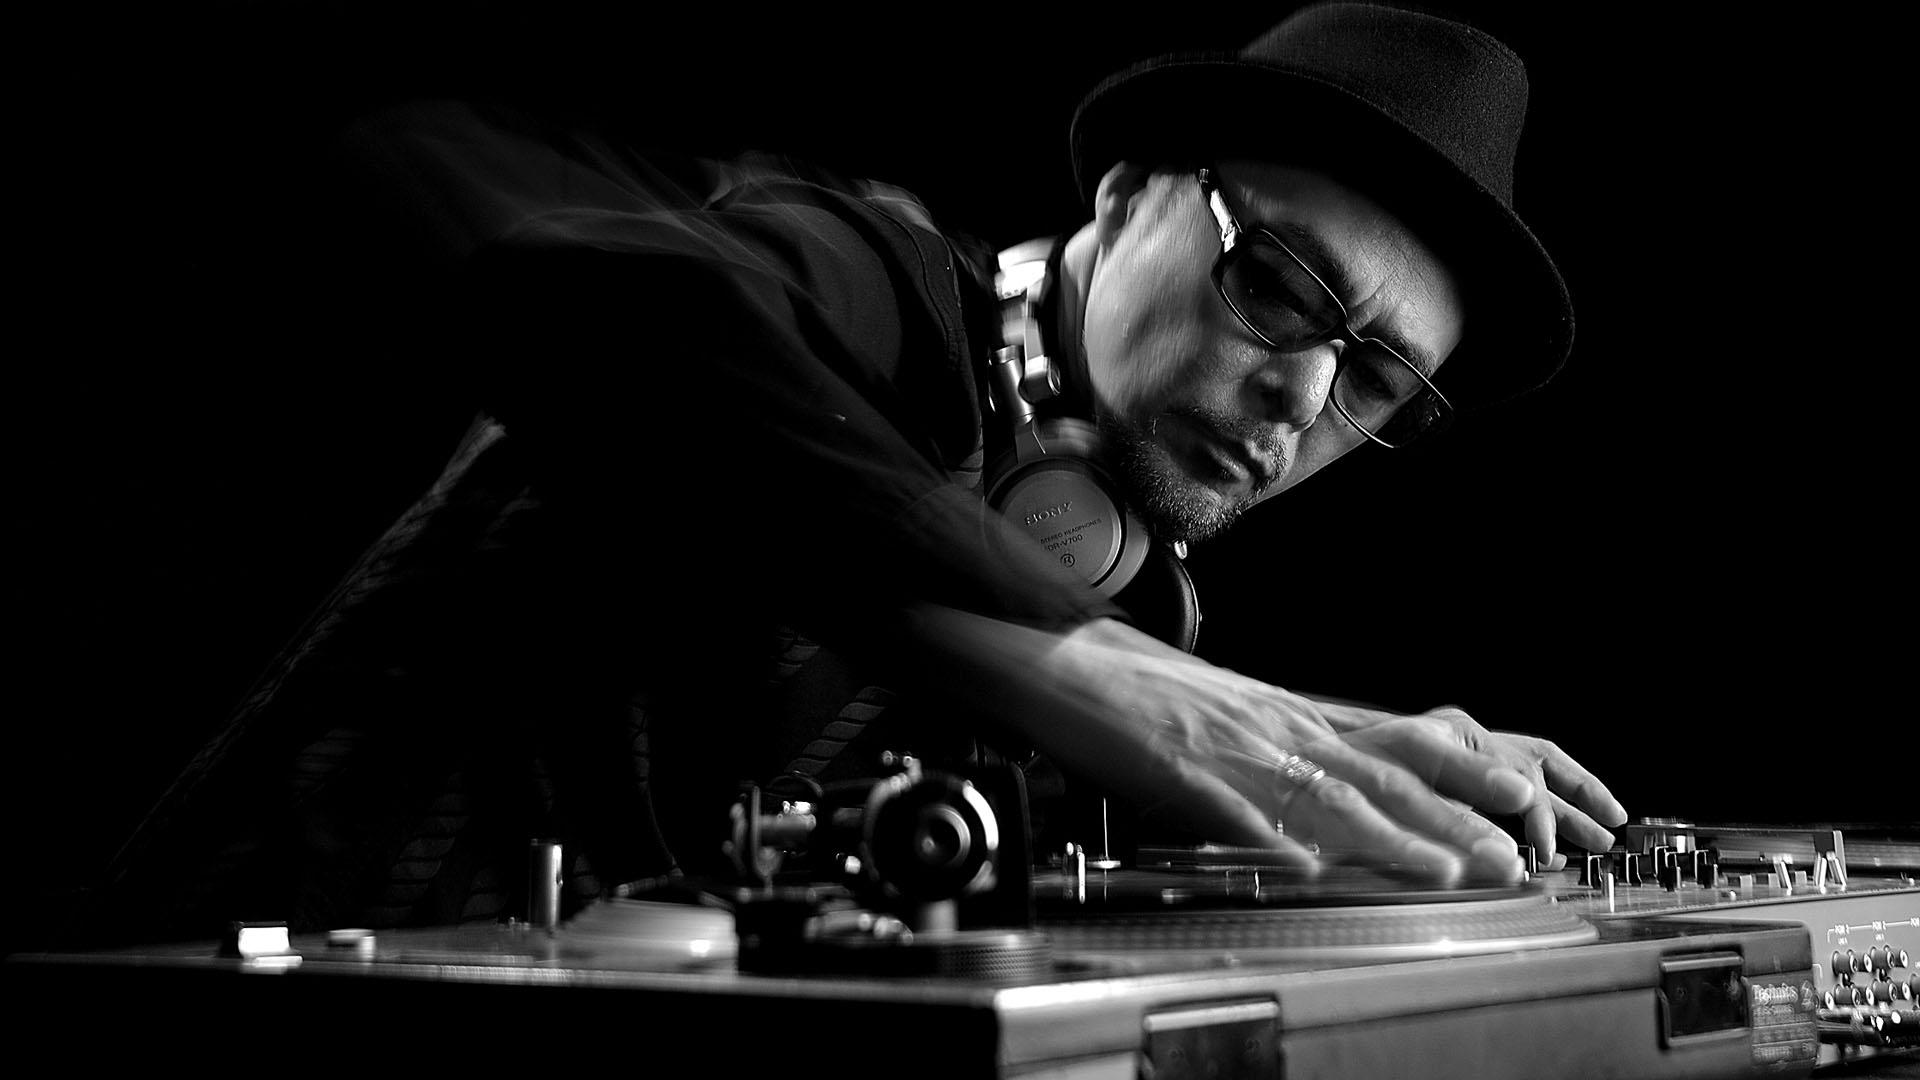 El Origen de los Sueños: DJ Krush